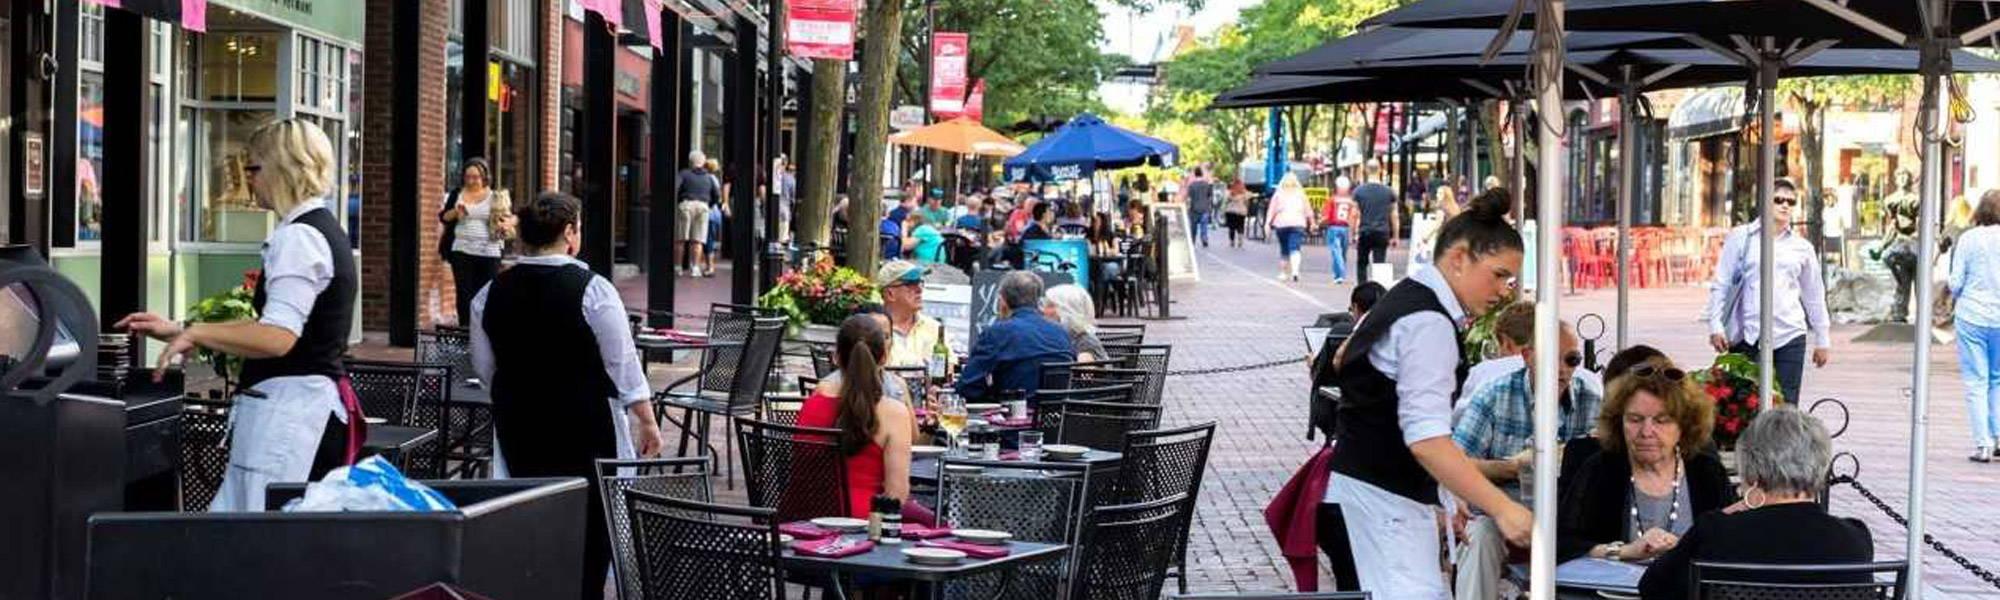 Leunig S Bistro Kid Friendly Restaurant In Burlington Vt